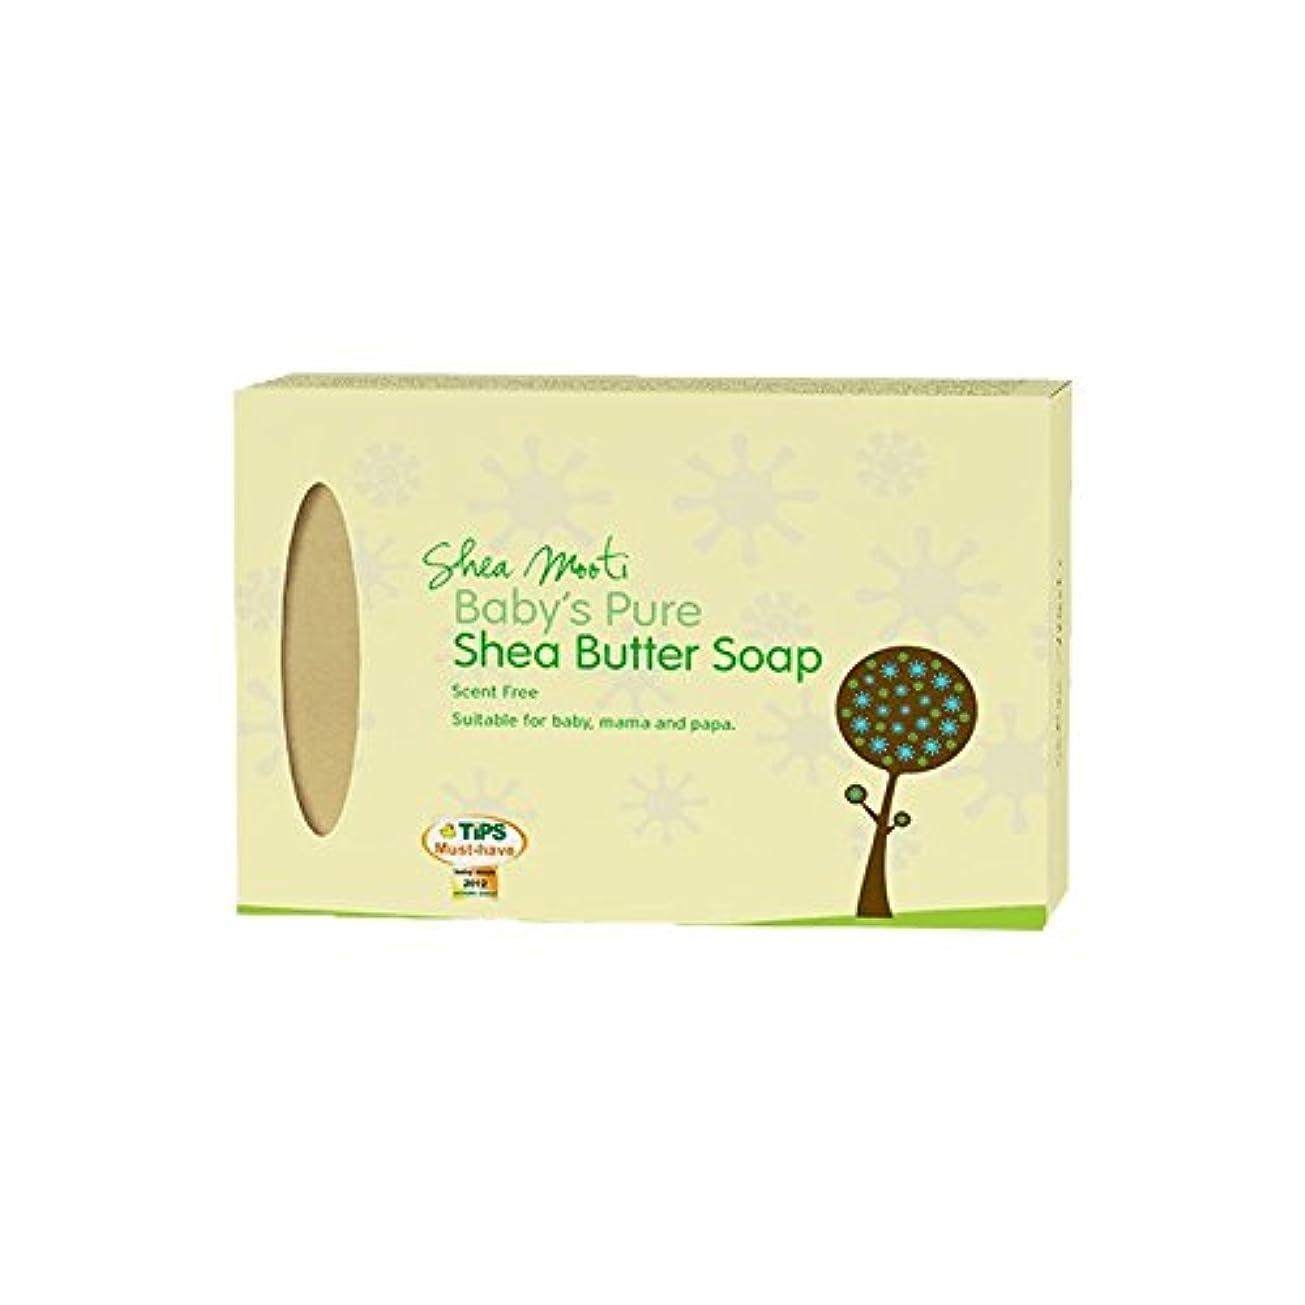 以上料理をするローブShea Mooti Baby's Pure Shea Butter Soap Unscented 250ml (Pack of 6) - シアバターMooti赤ちゃんの純粋なシアバターソープ無香250ミリリットル (x6...